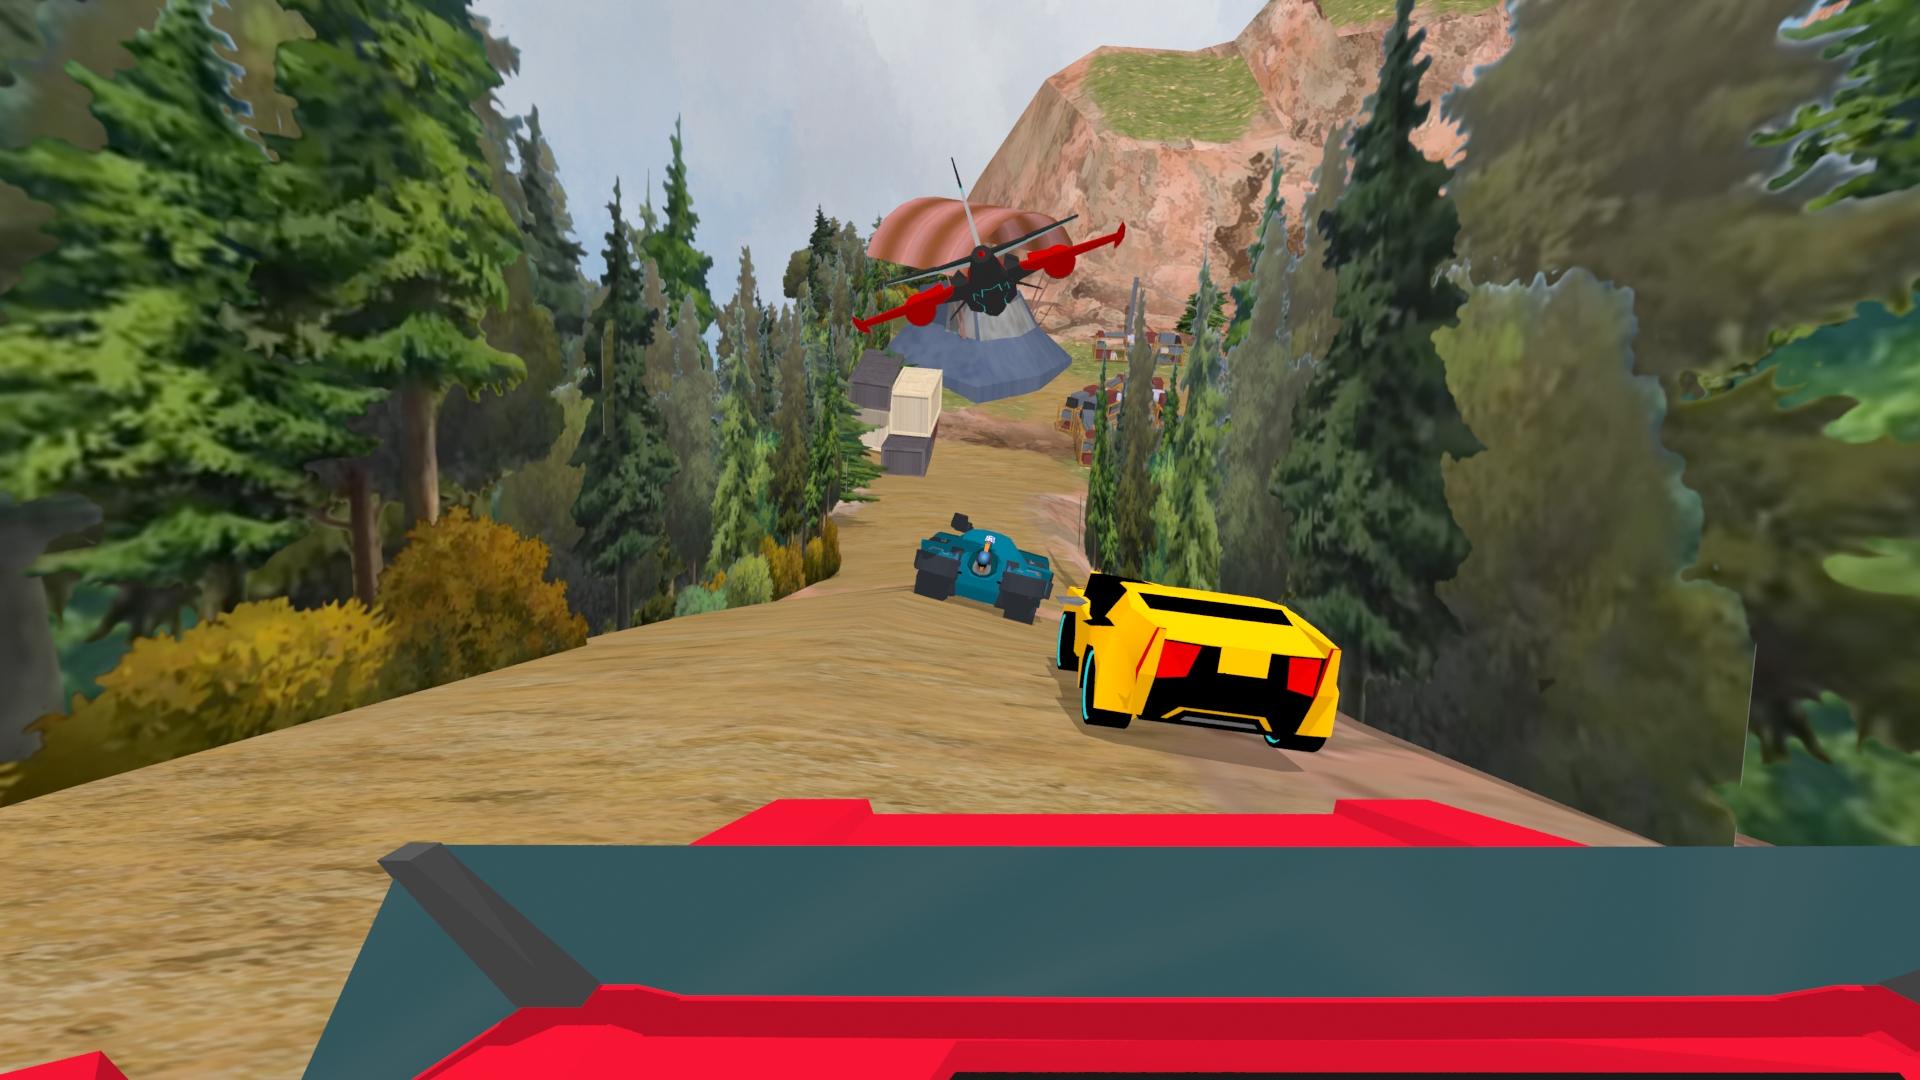 capture de notre film de réalité virtuelle Transformers